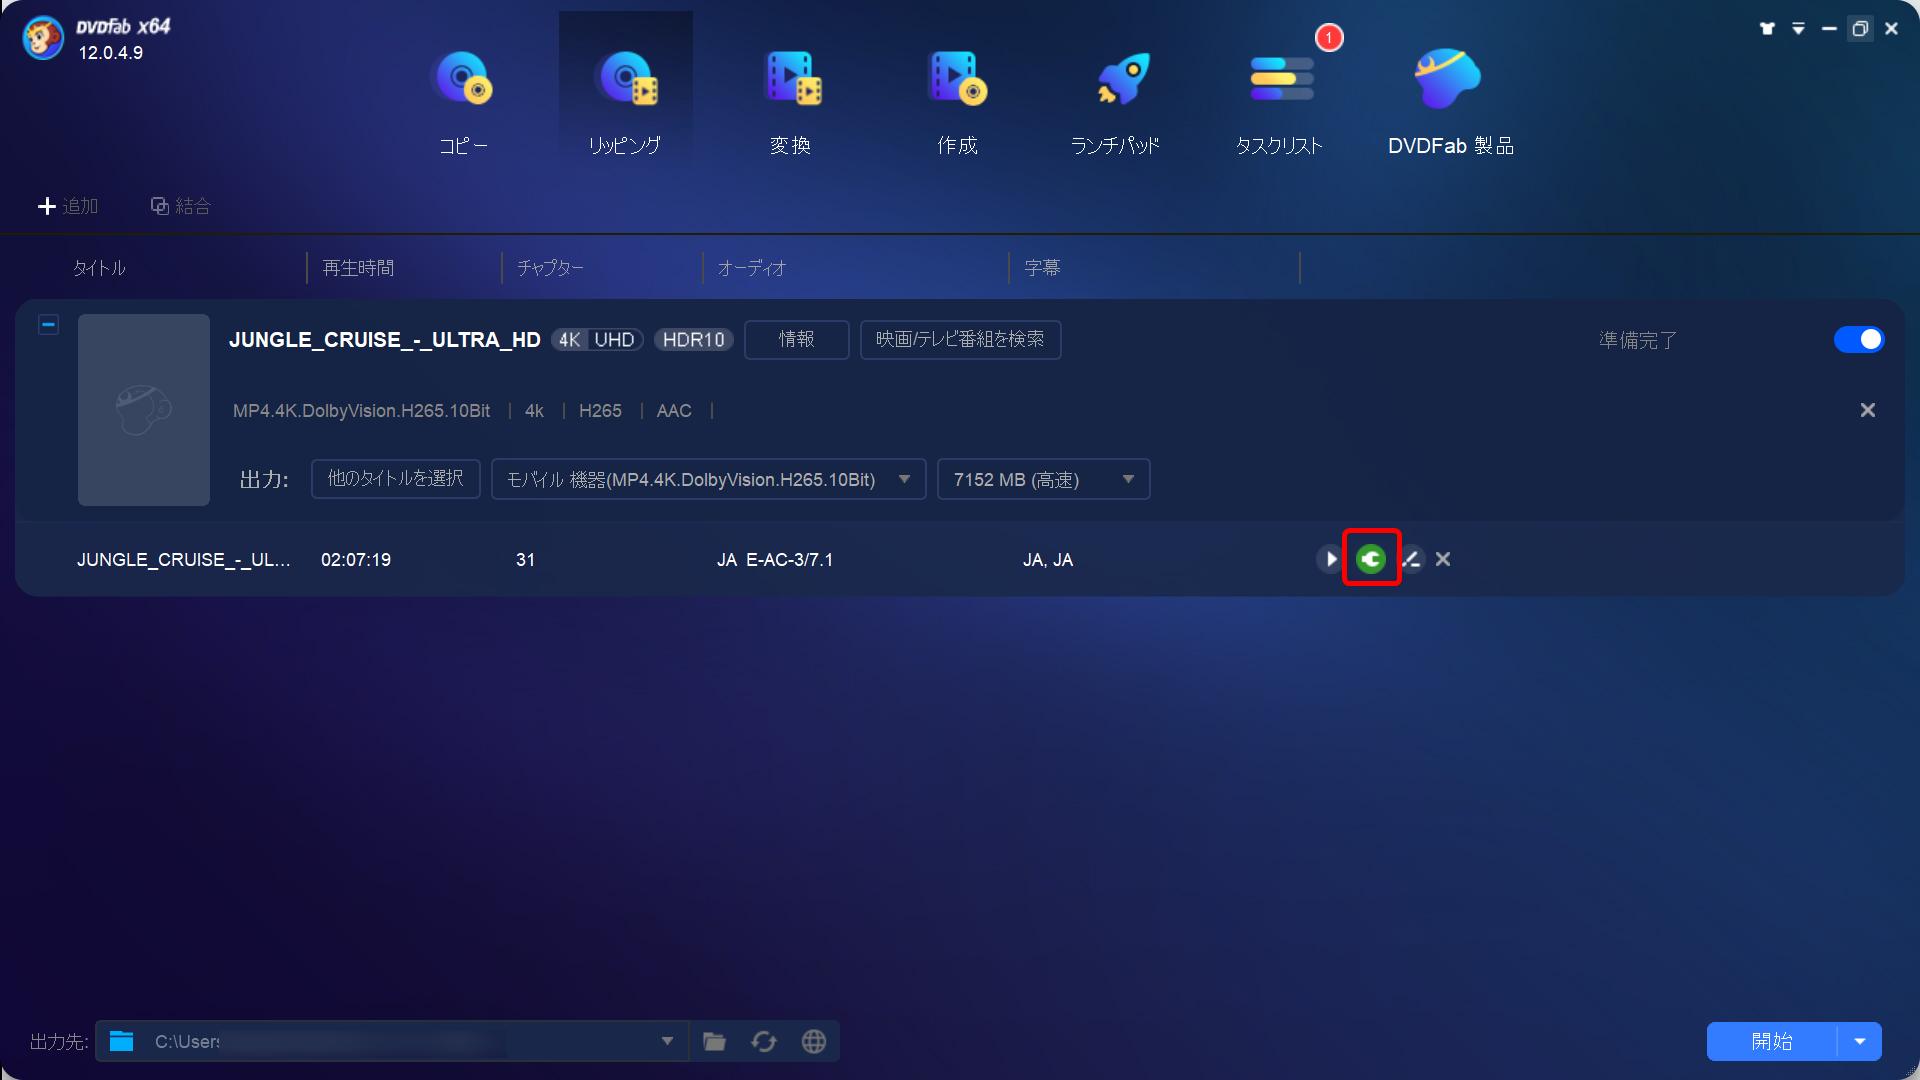 DVDFab12 4K UHDブルーレイのコピー方法|無料でコピーガード解除して4K UHDブルーレイをパソコンに永久保存する方法|ISOファイルをiPhoneに適した形式に変換する:基本的に以上で設定完了ですが、より細かい設定を行いたい場合は工具のアイコンをクリックして詳細設定画面を開きましょう。